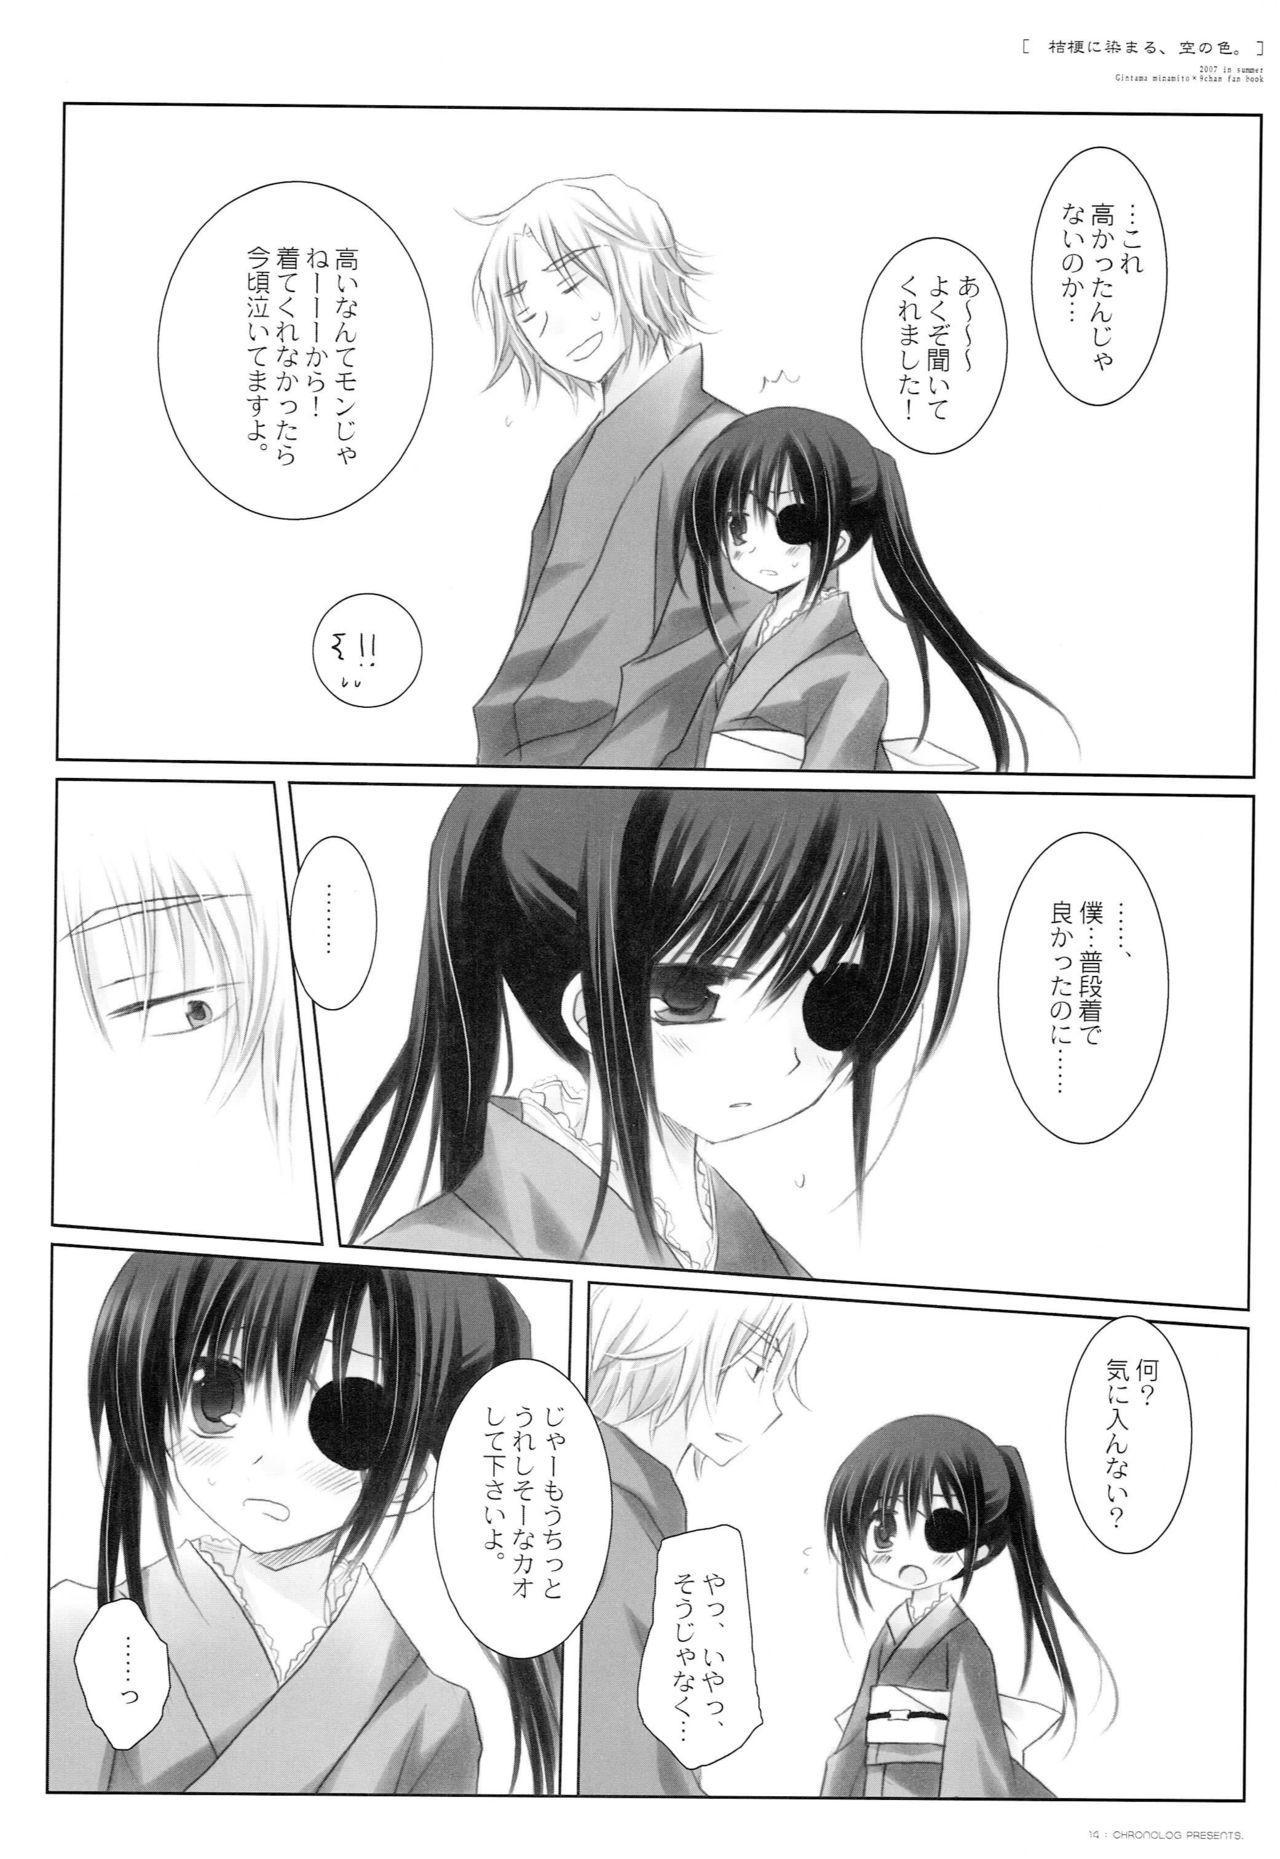 Kikyou ni Somaru Sora no Iro 12